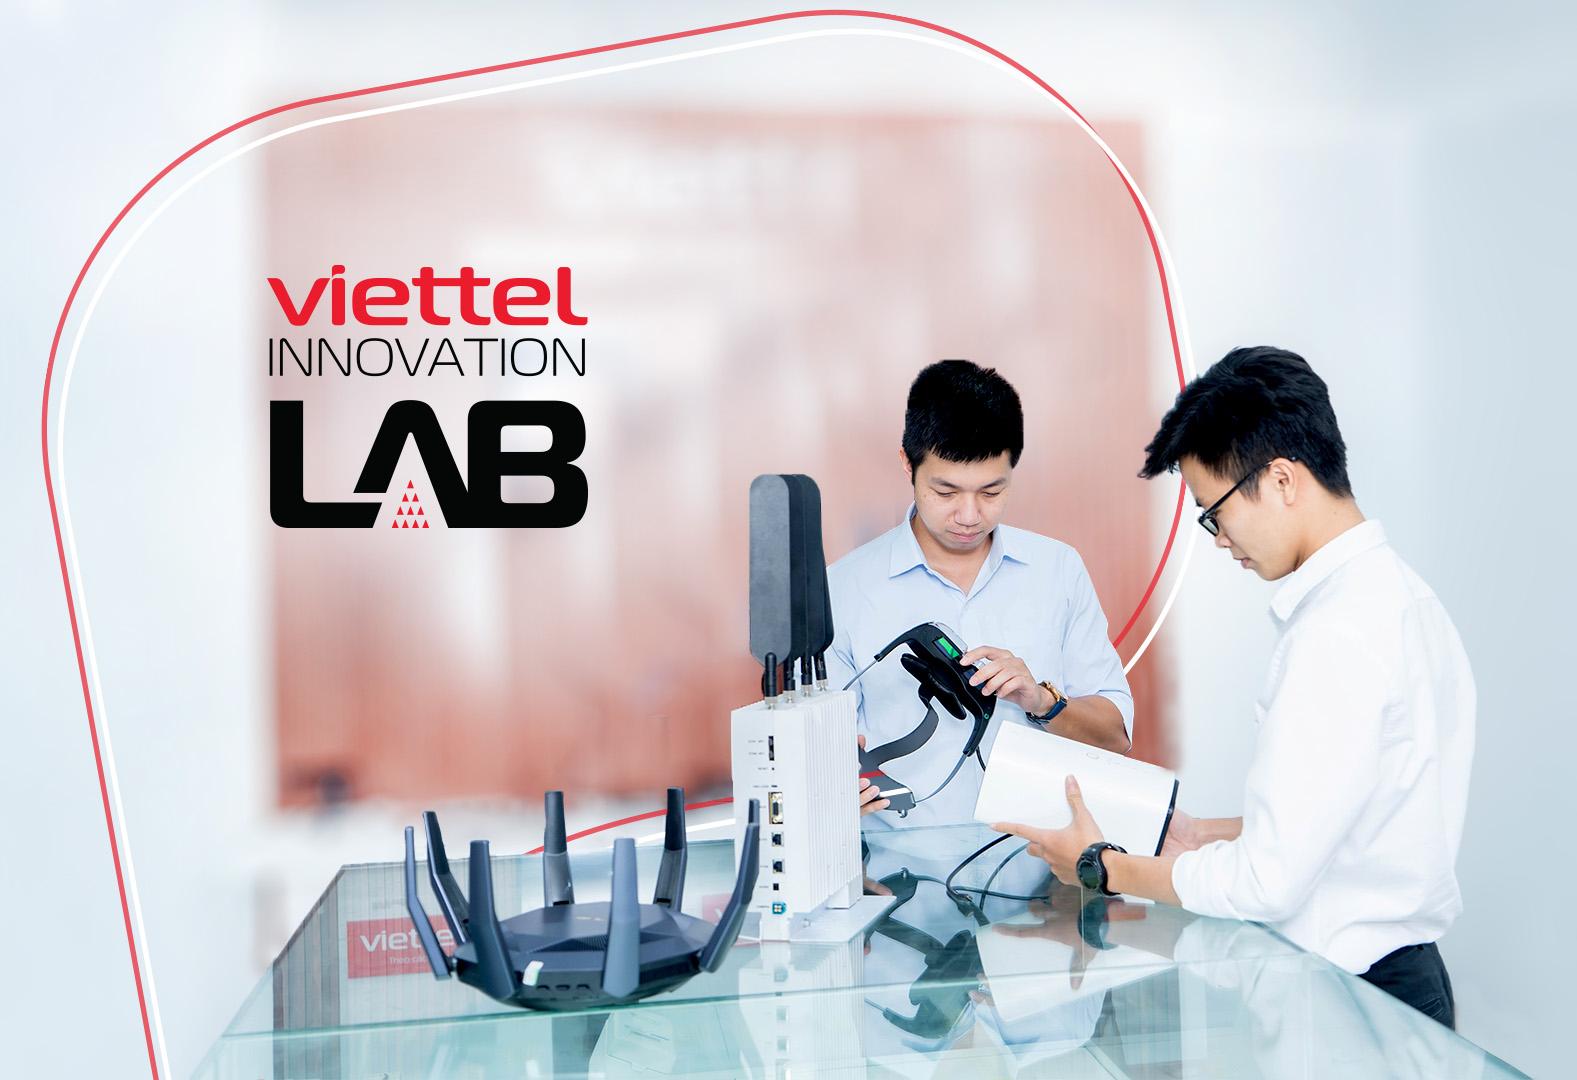 Viettel vận hành 2 phòng Lab mở hiện đại nhất Đông Nam Á thúc đẩy phát triển công nghệ 4.0 tại Việt Nam - Ảnh 1.